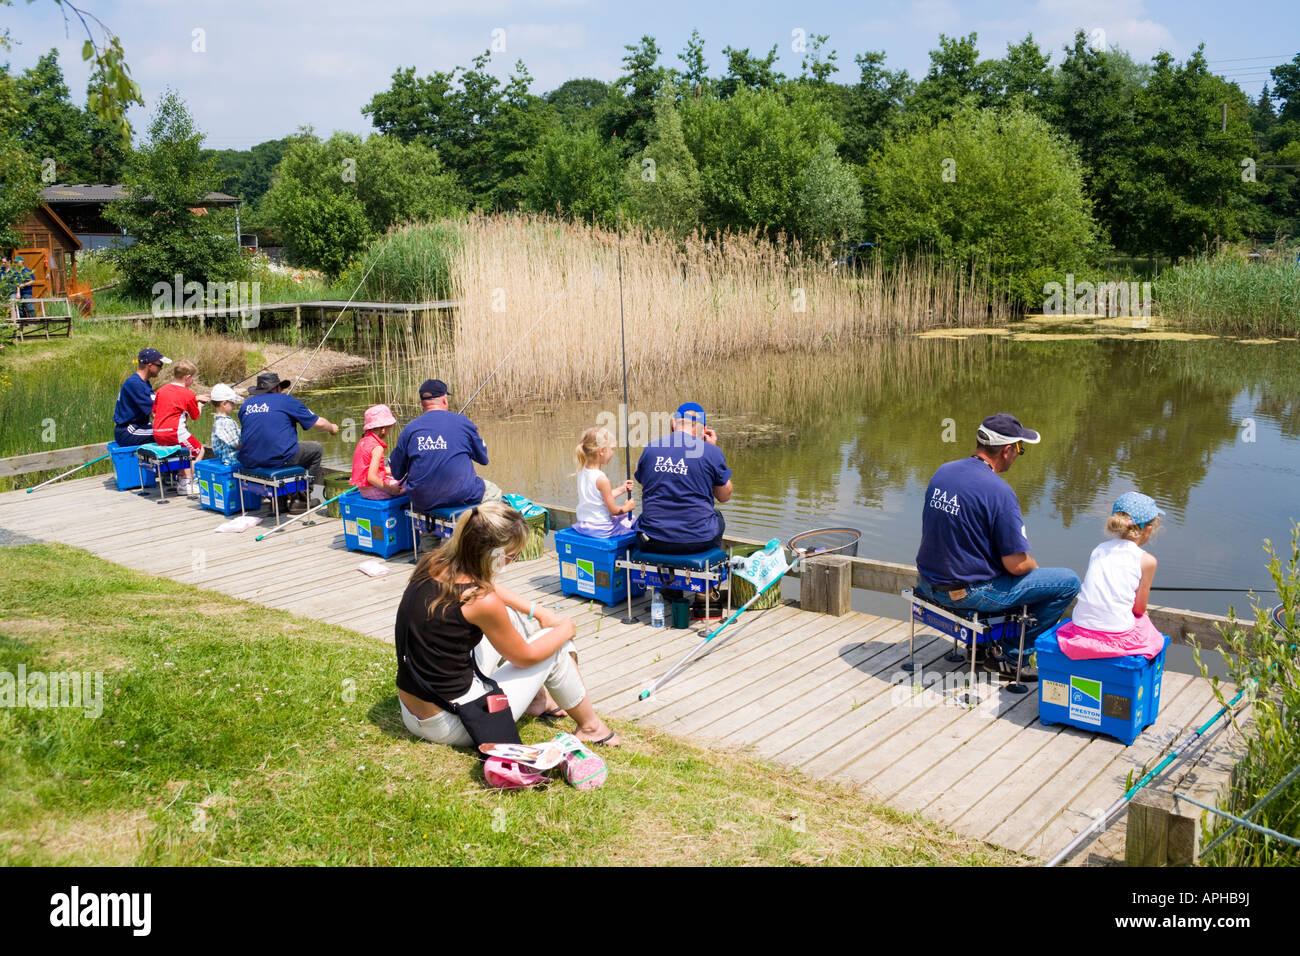 PAA entrenadores angulable dando instrucción a los niños en los tres condados Show, Malvern, Worcestershire Imagen De Stock